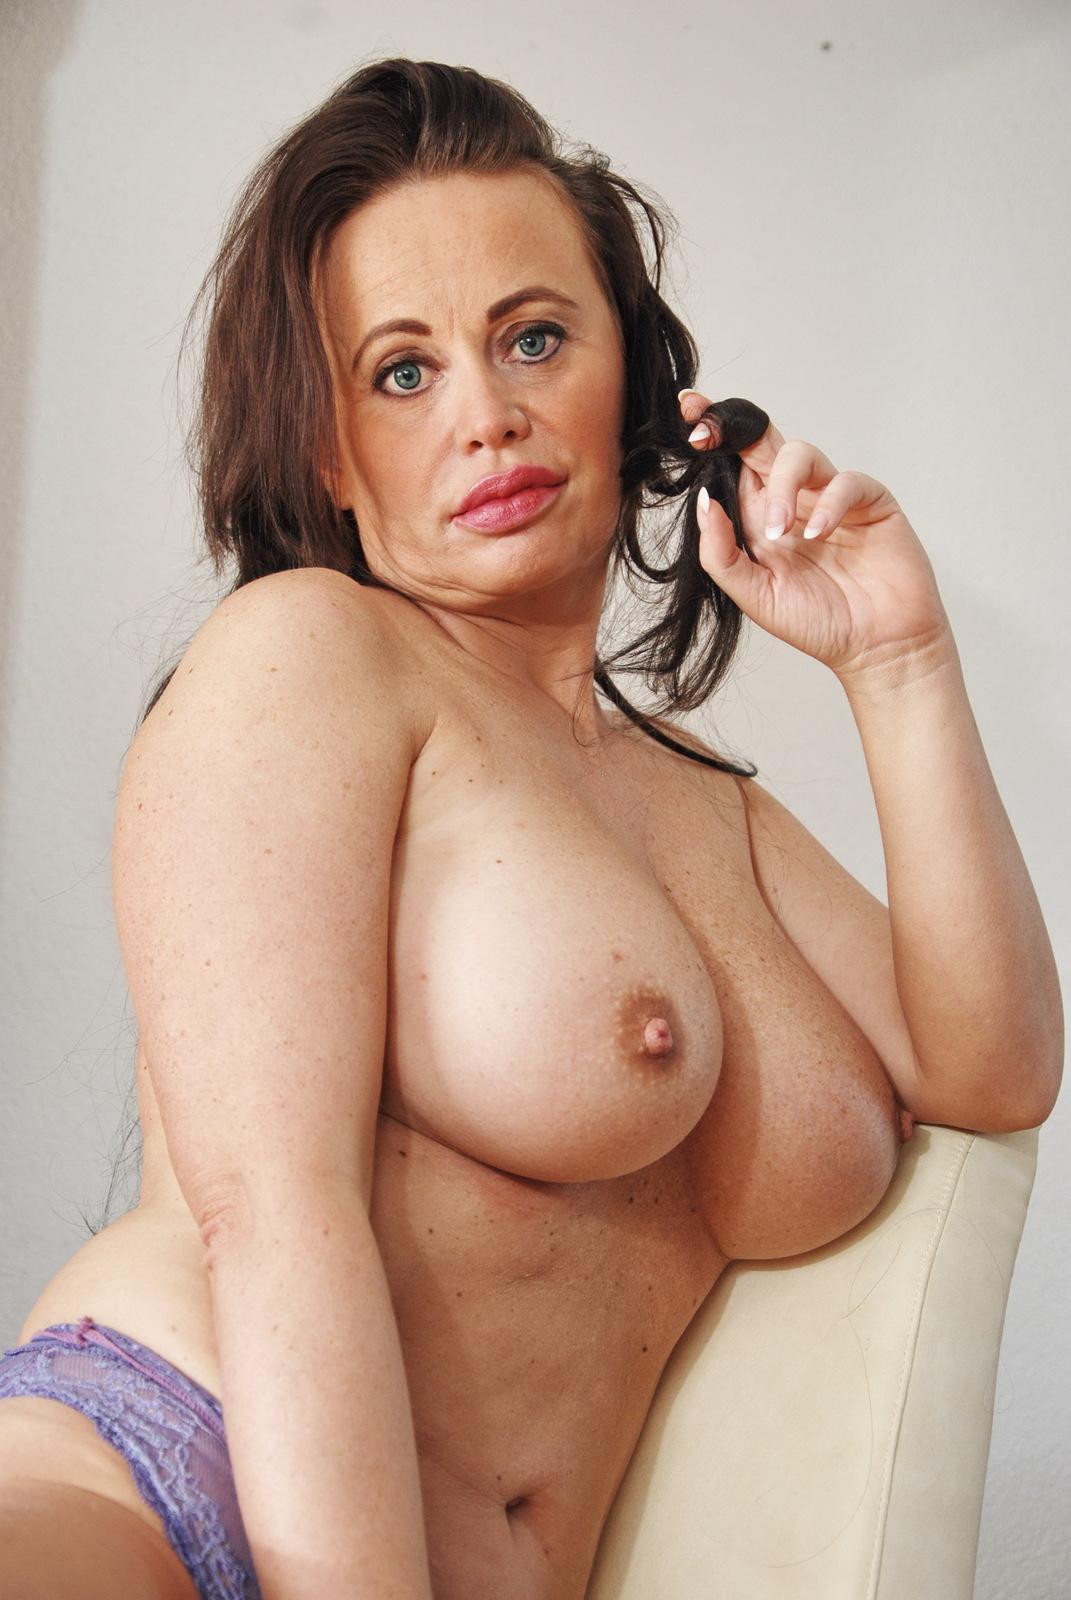 LusciousModels - Clemi erotic milf porn model 33